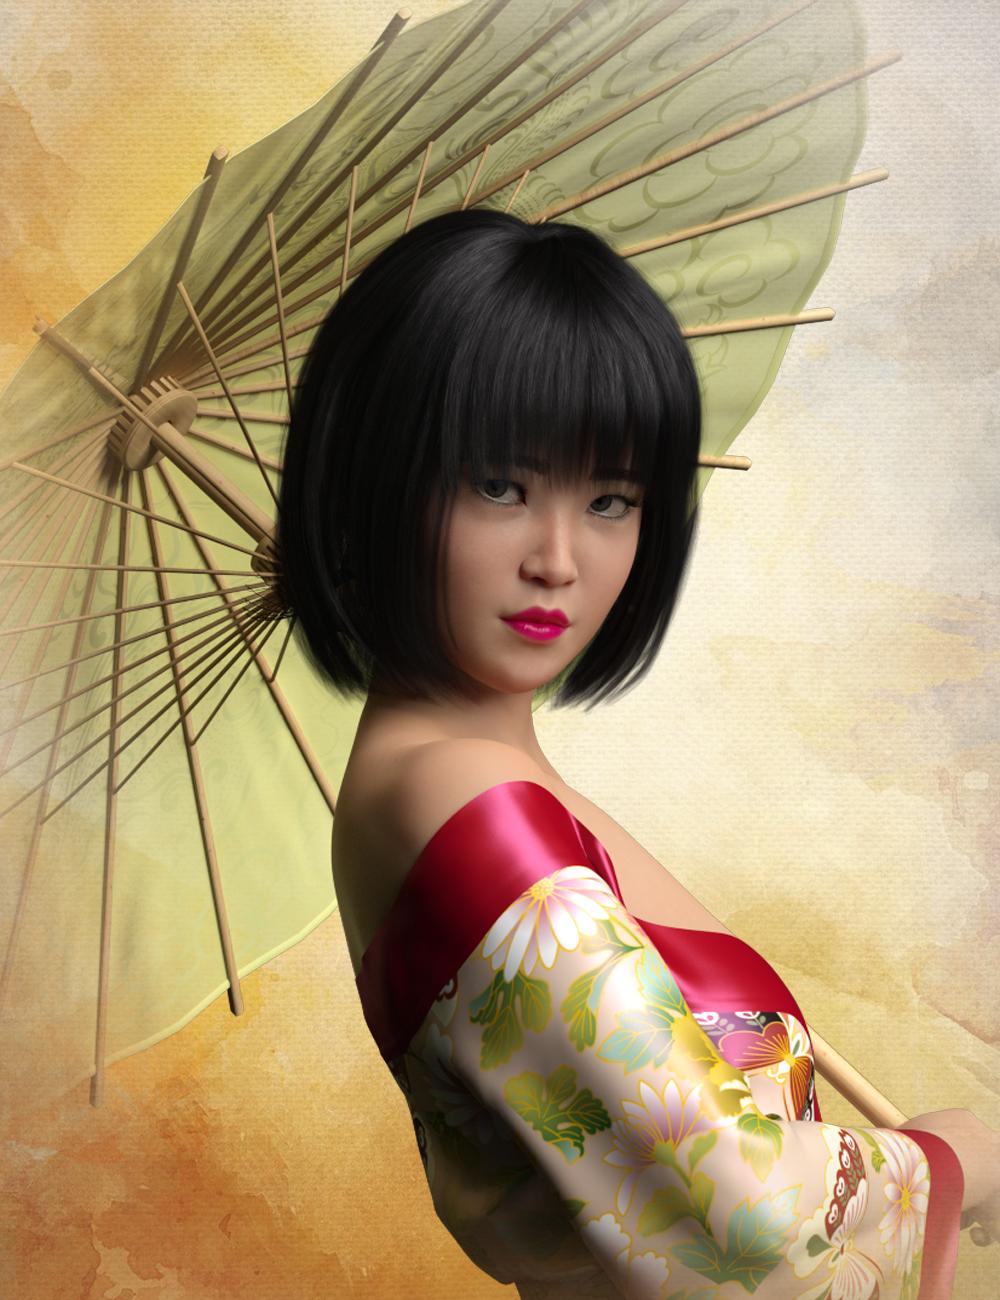 HP Zhi Ruo and Parasol for Mei Lin 8 by: SR3Fred Winkler Art, 3D Models by Daz 3D